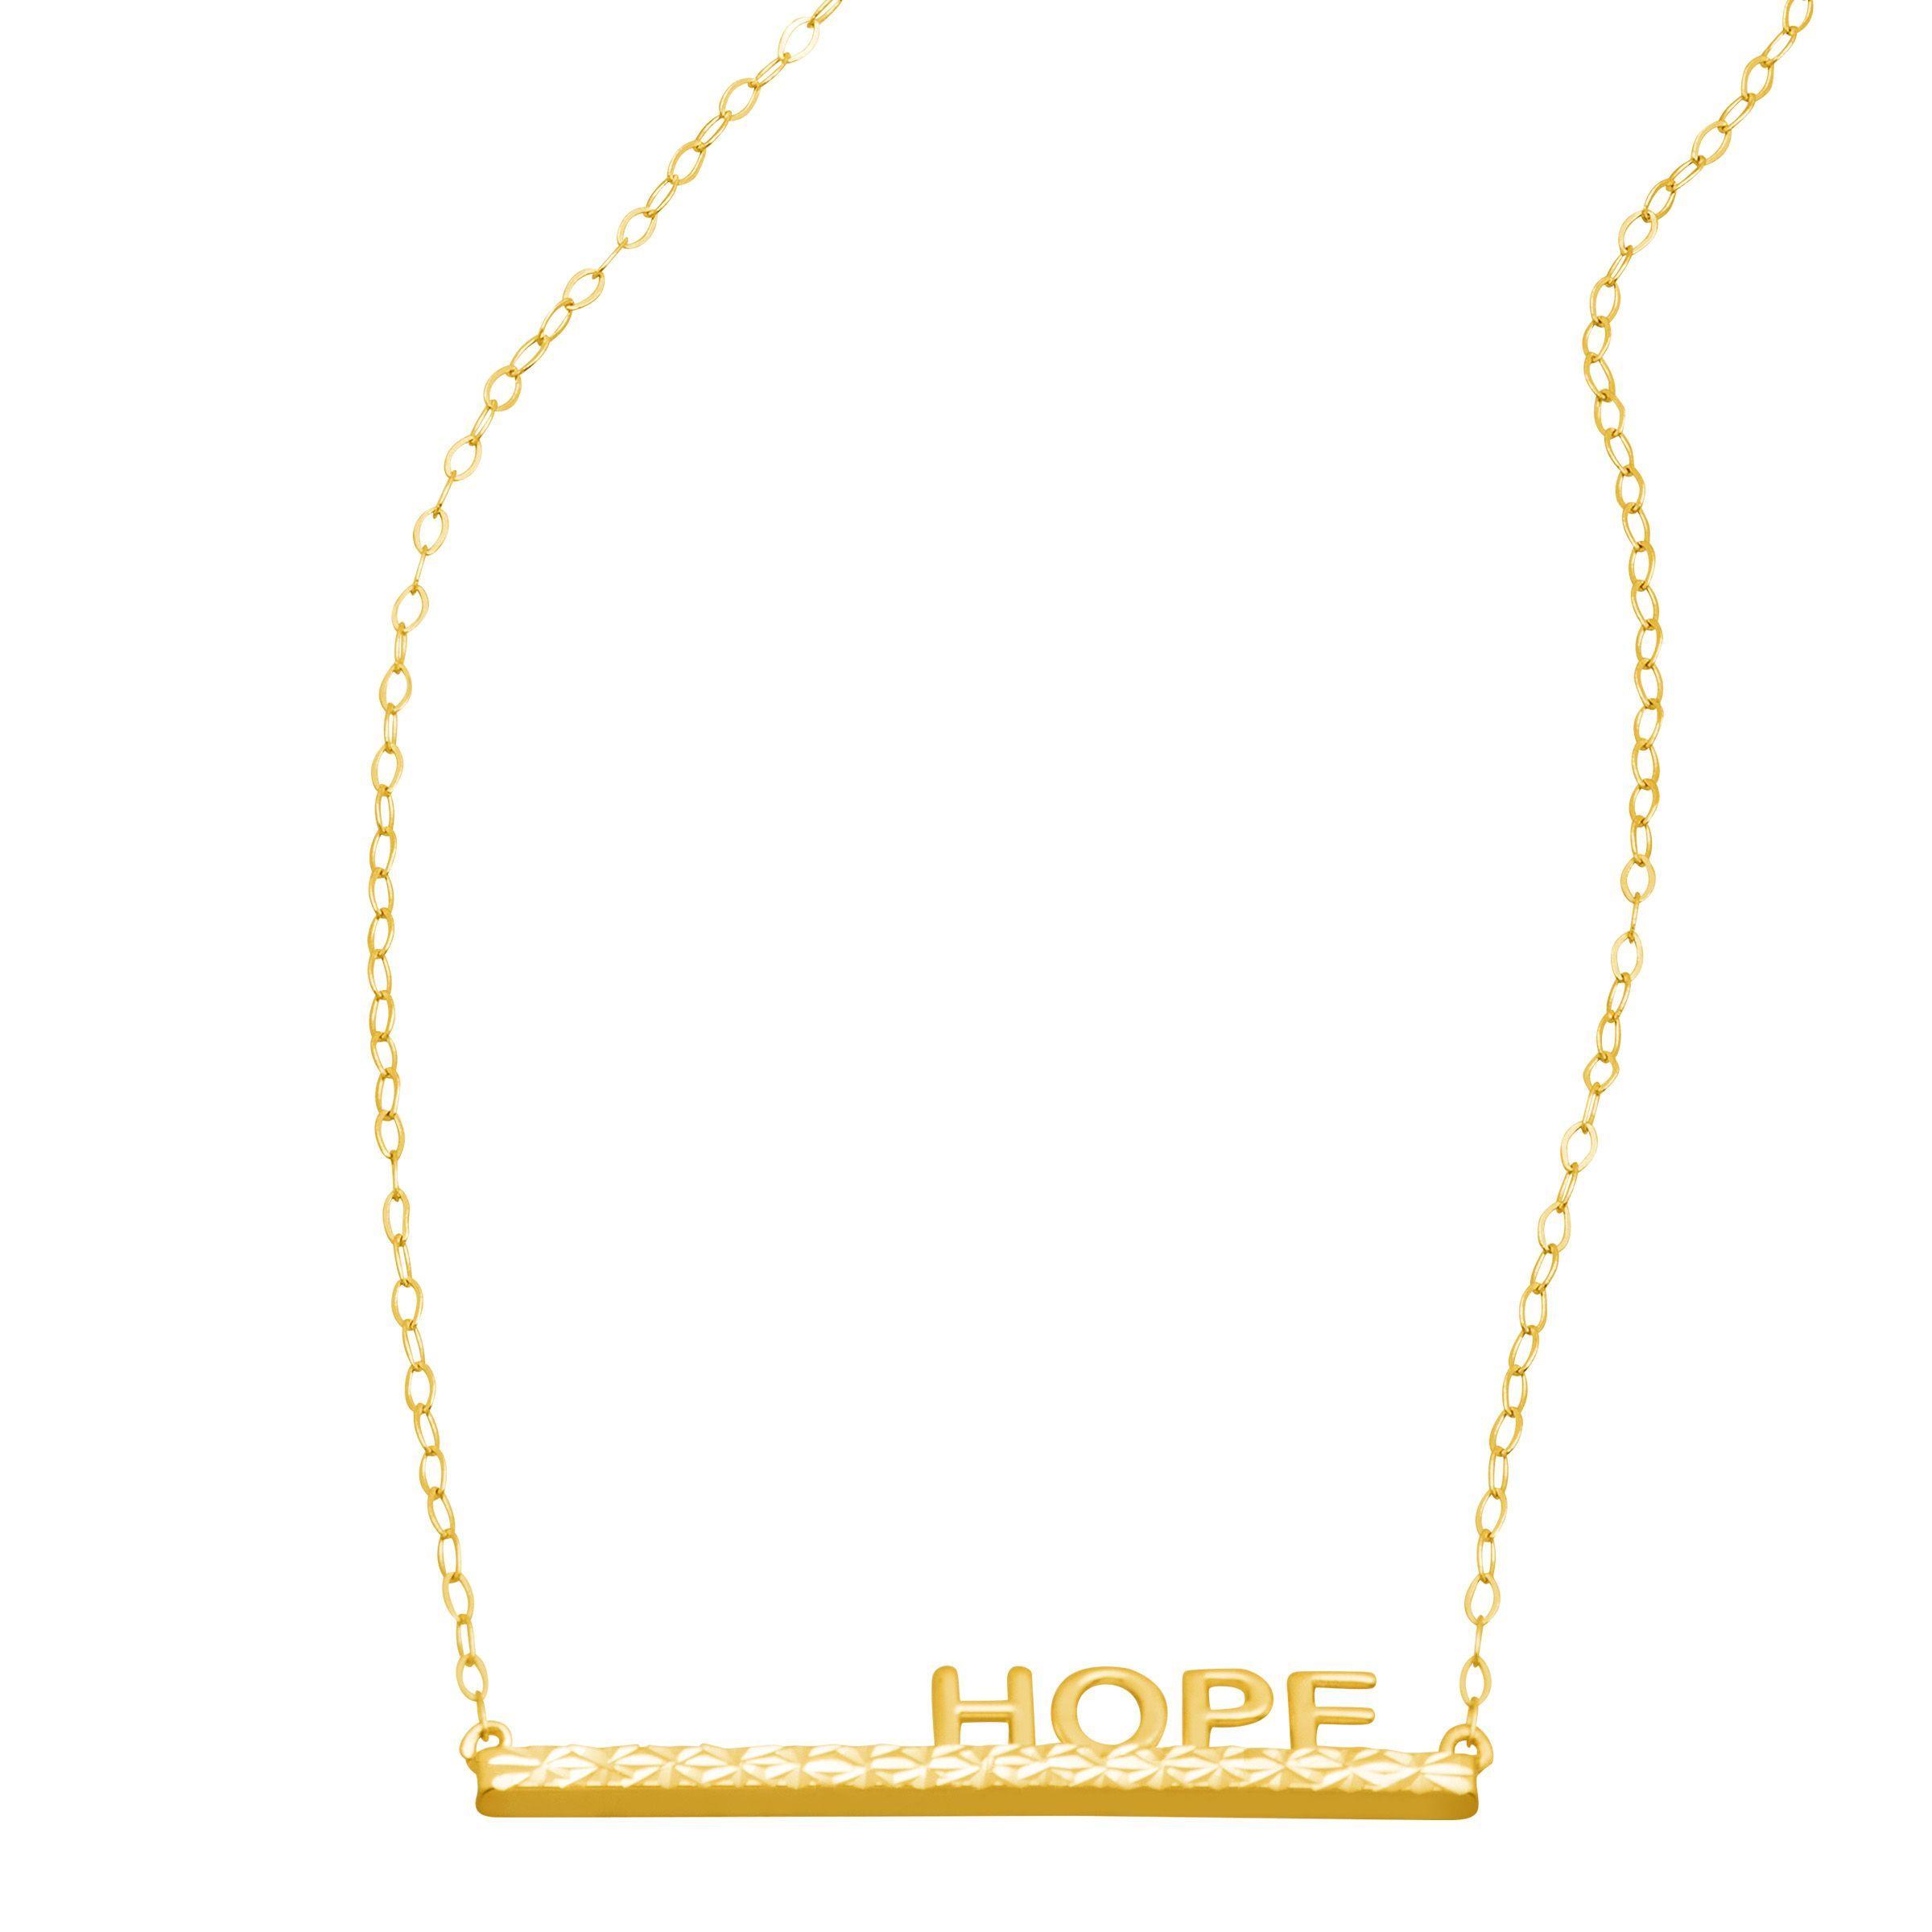 just gold 39 hope 39 horizontal bar necklace in 14k gold ebay. Black Bedroom Furniture Sets. Home Design Ideas